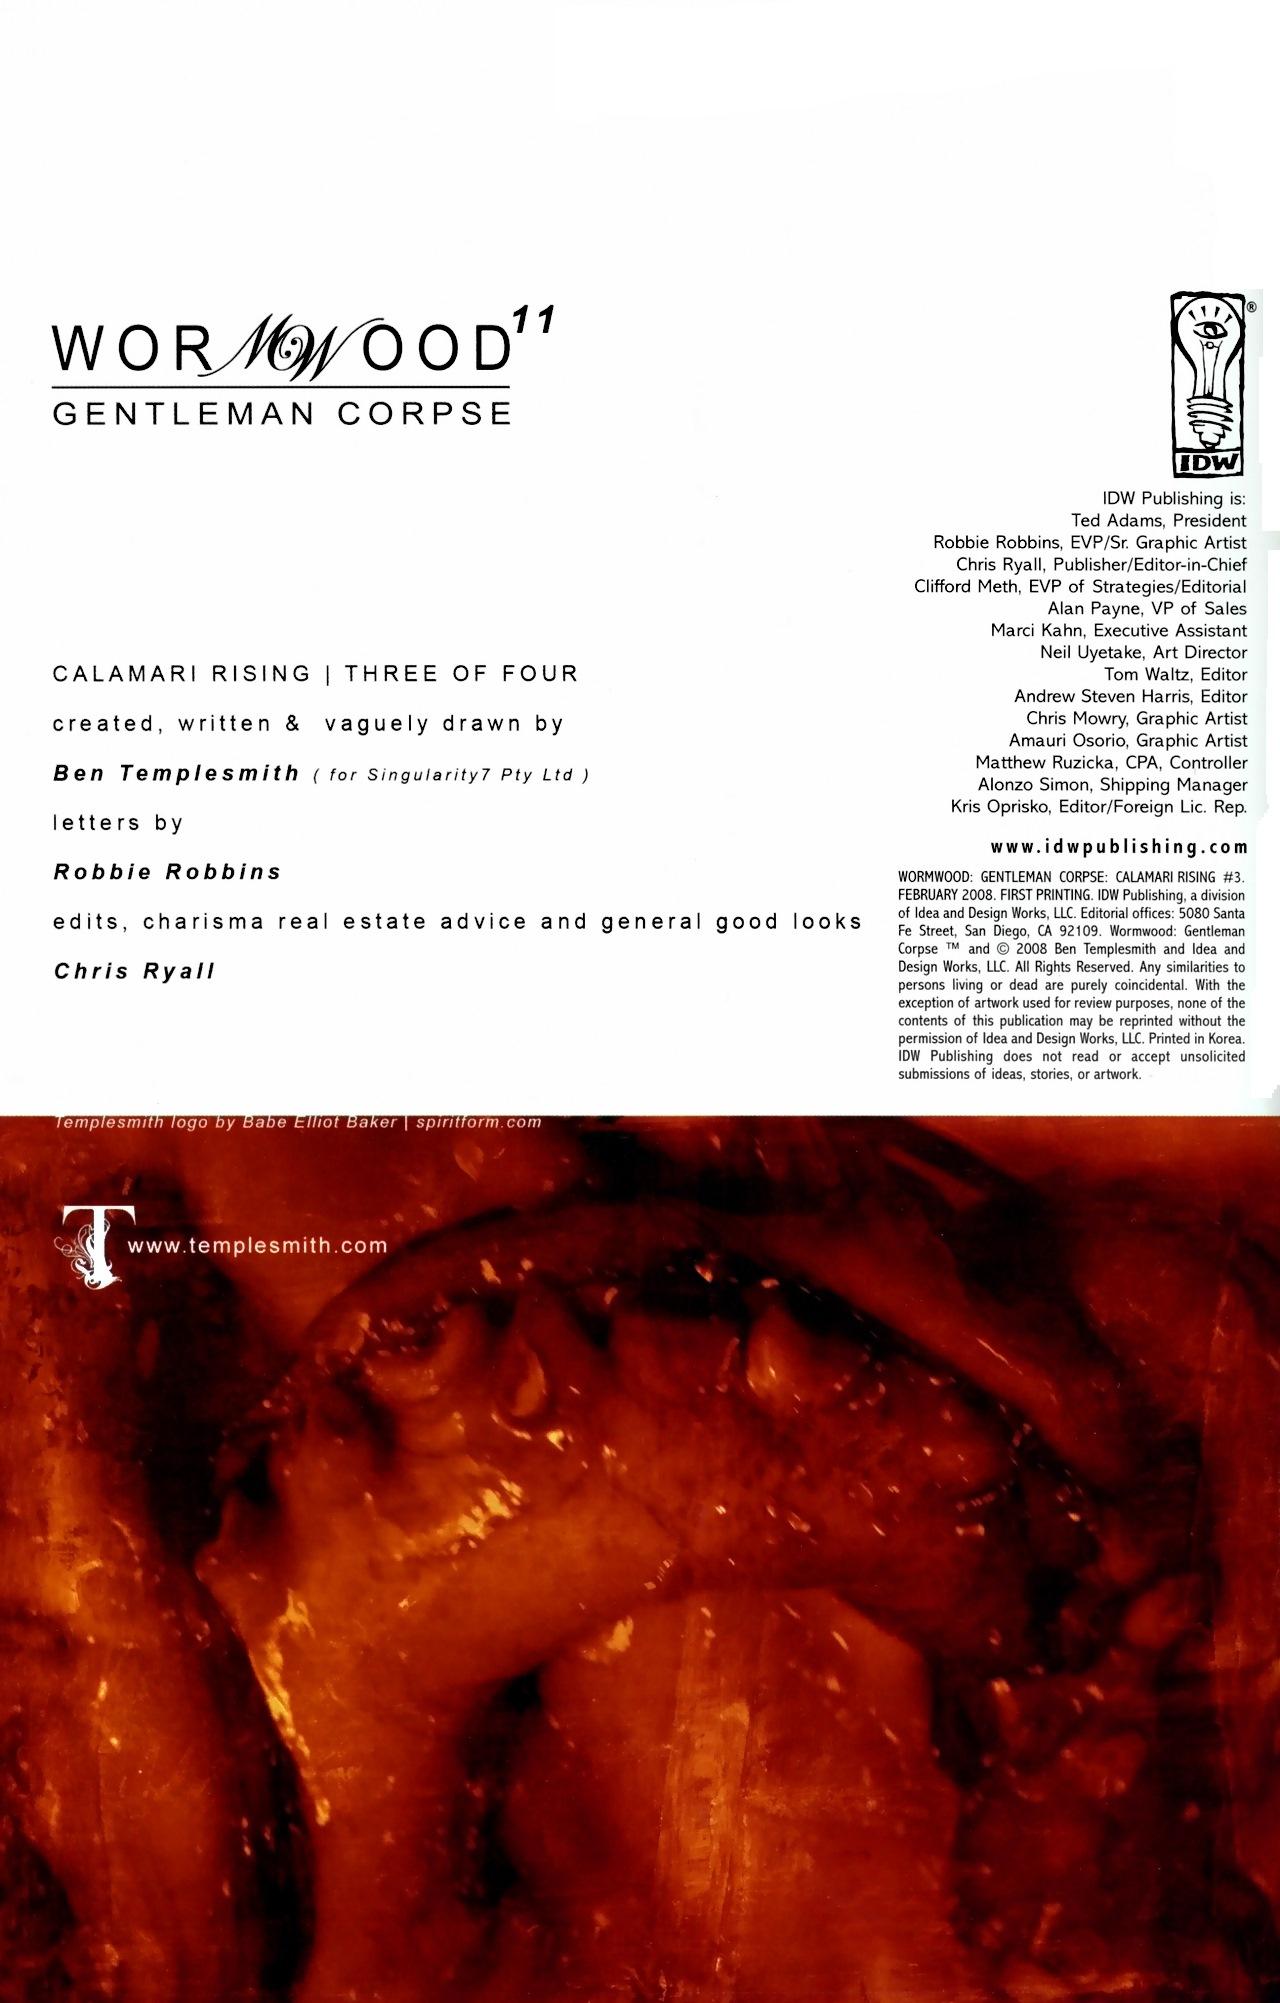 Read online Wormwood: Gentleman Corpse comic -  Issue #11 - 3